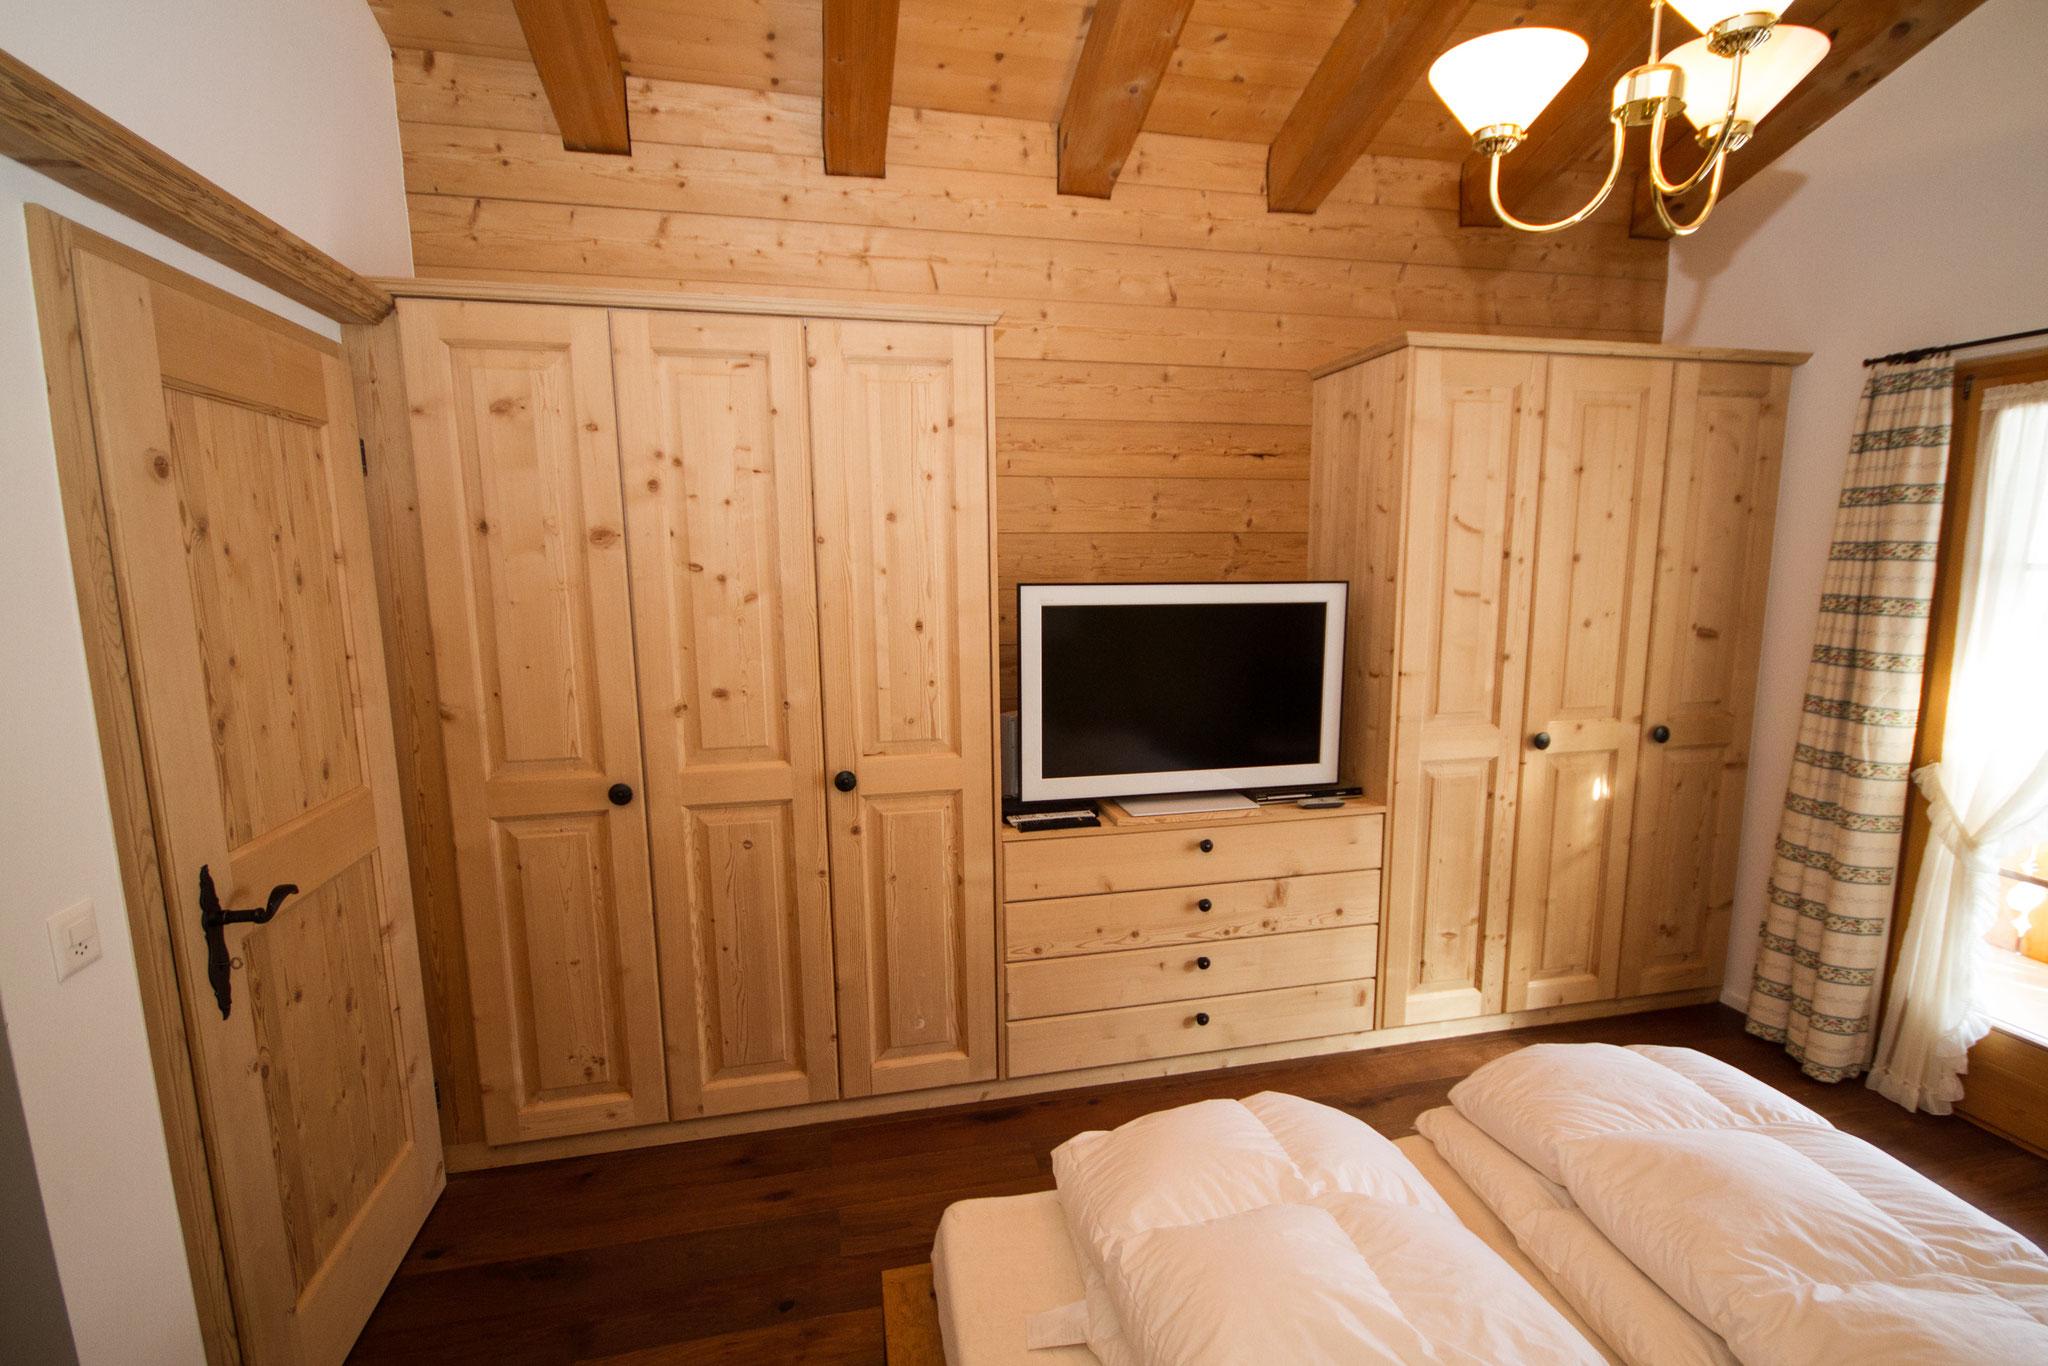 wollen sie innen ausbauen davoserschlitten. Black Bedroom Furniture Sets. Home Design Ideas